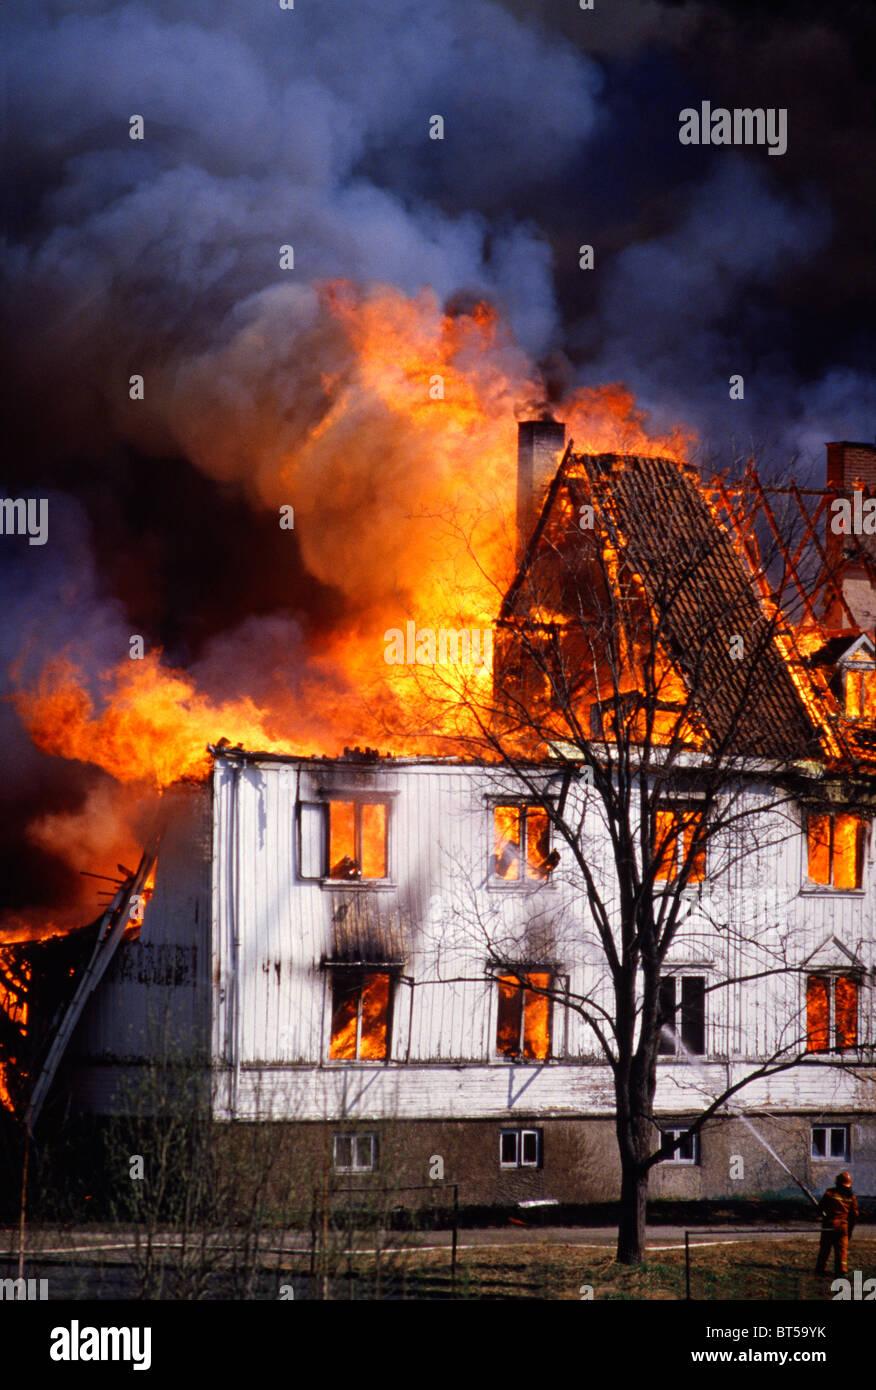 Das Haus ist in Flammen verschlungen. Das Haus brannte bis auf den Boden und ist ein Totalschaden an den Besitzer Stockbild